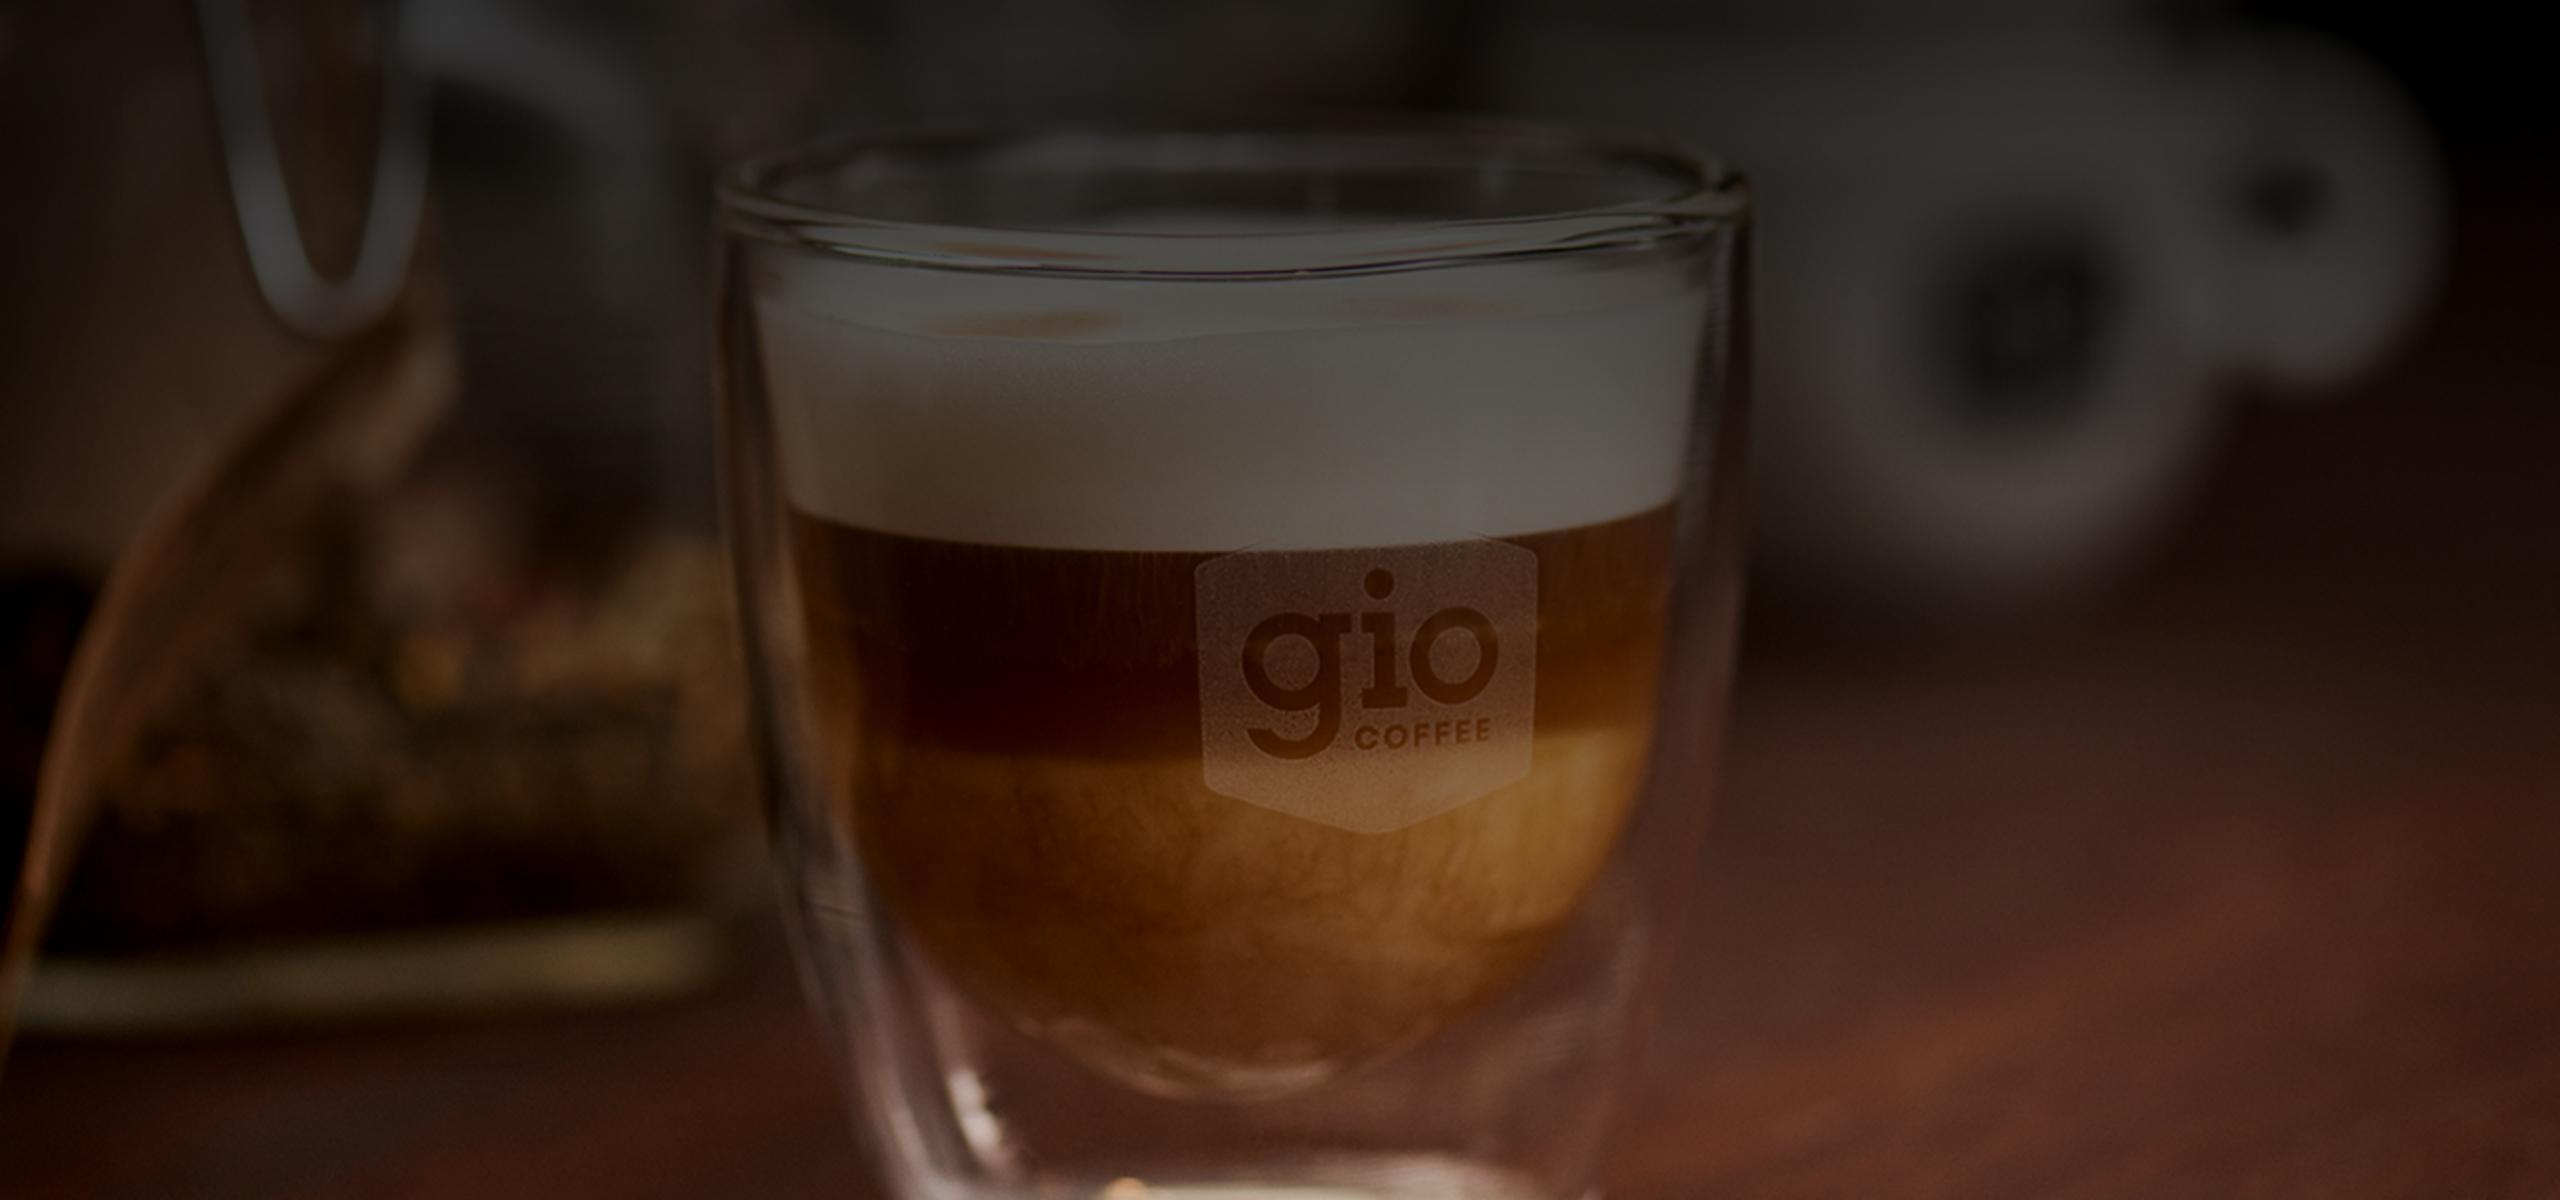 Latte Macchiato voor op kantoor met Gio Coffee